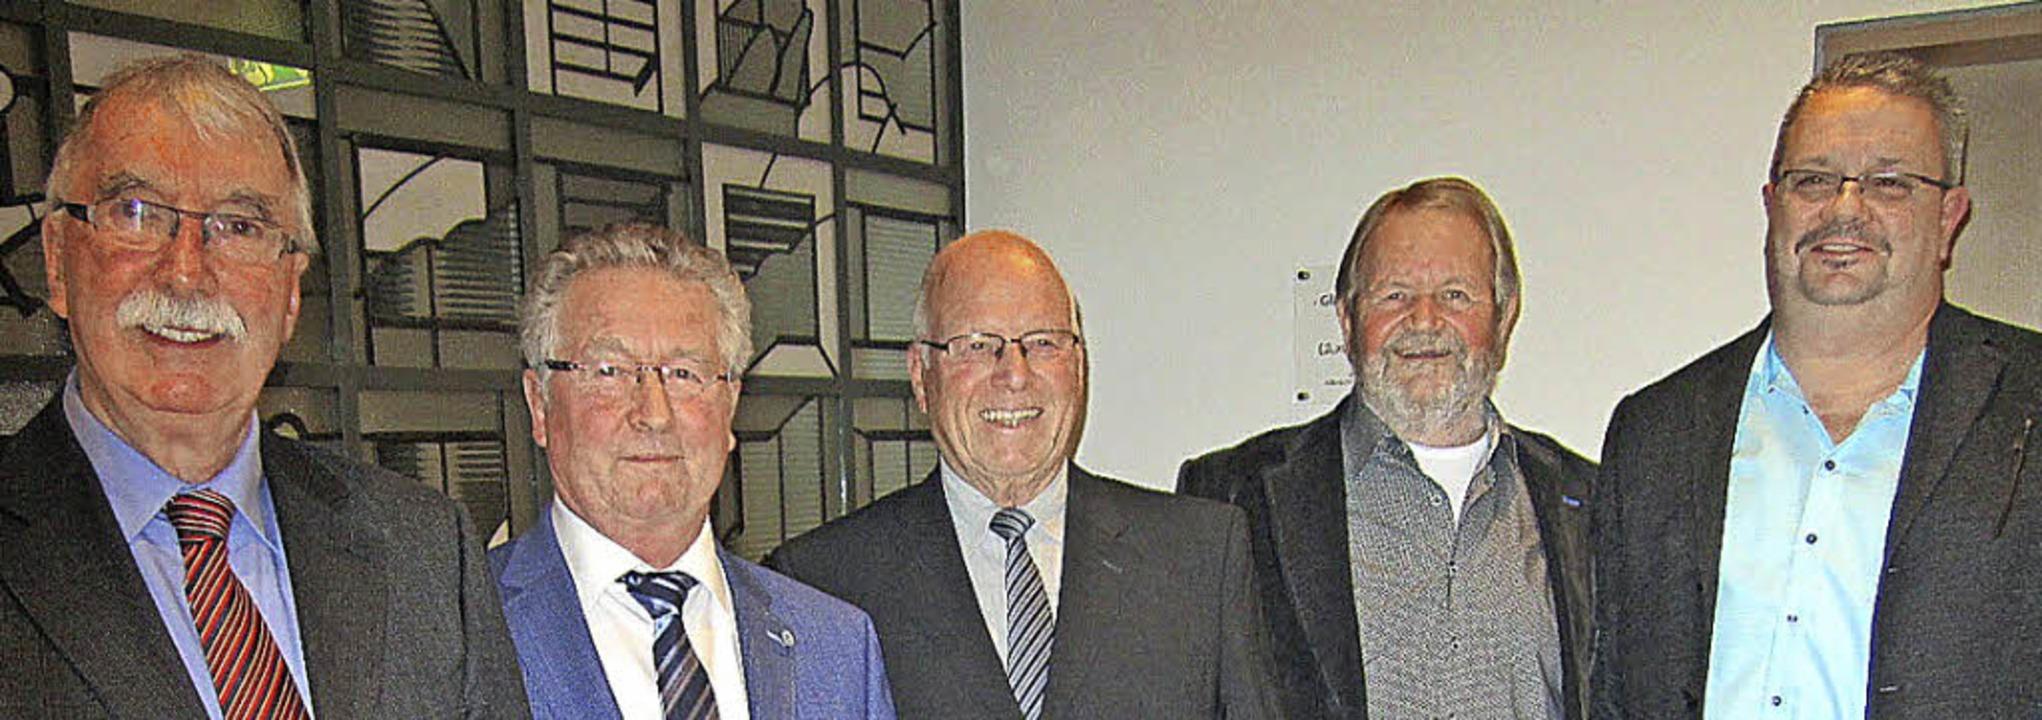 Vorsitzender Hansjörg Frommherz und  S...für 30-jähriges Singen (von links).       Foto: Hansjörg Bader